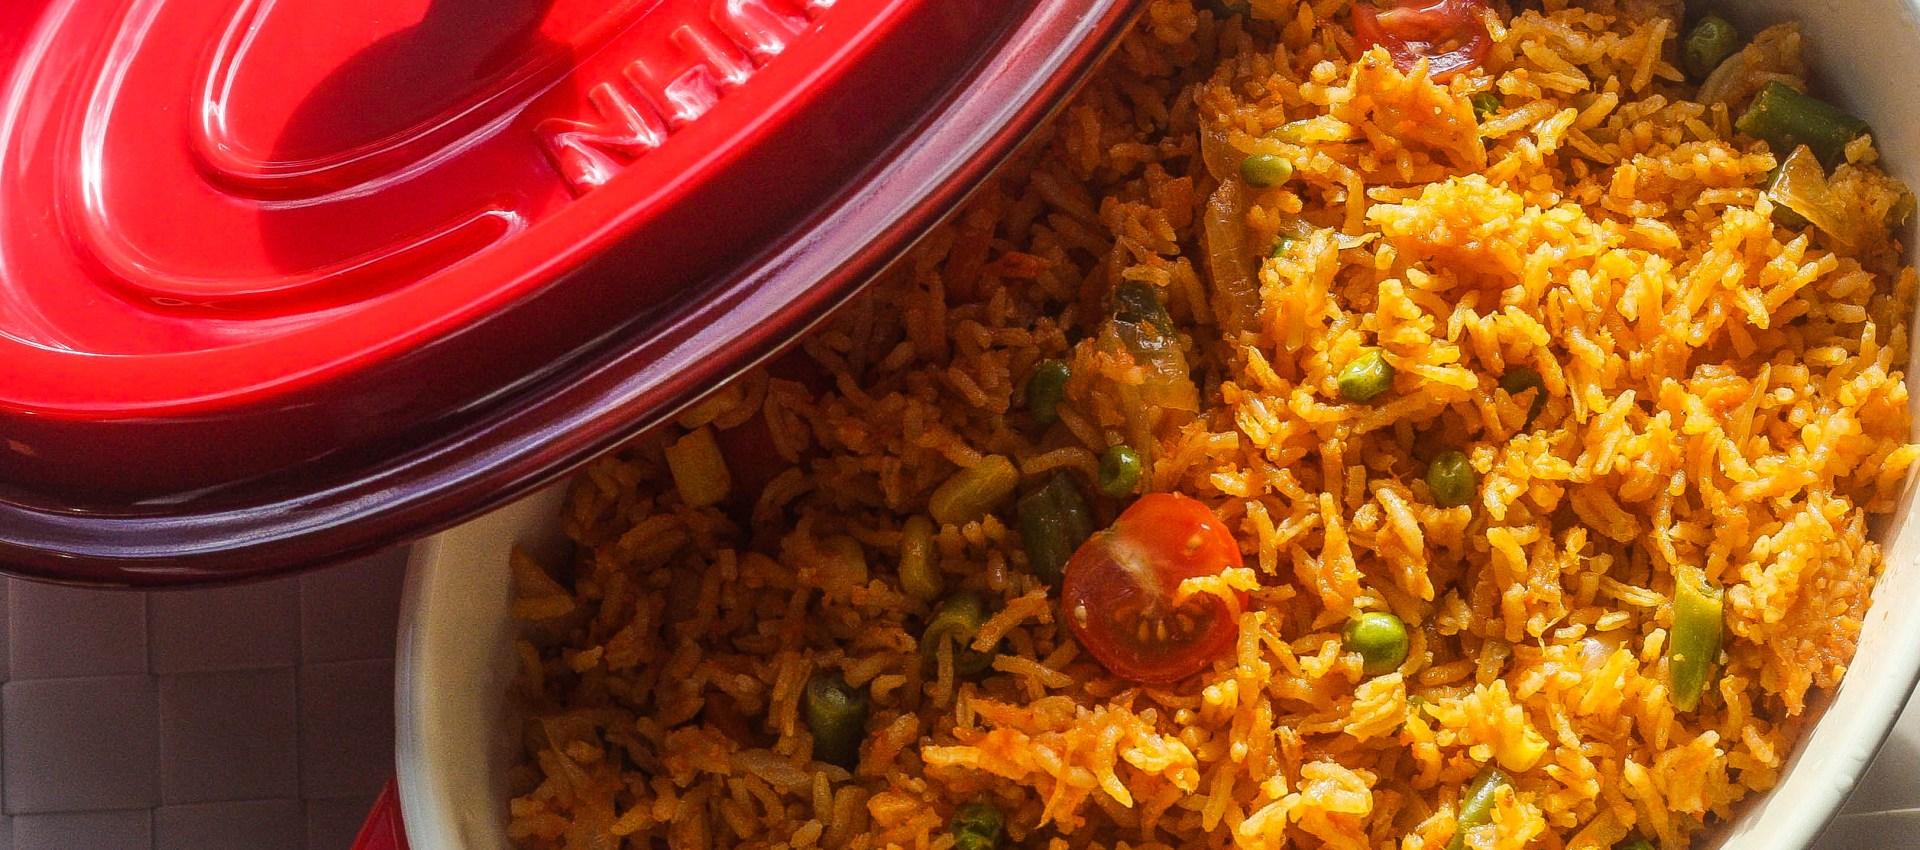 Oven-baked Jollof rice beats jollof rice in a pot!